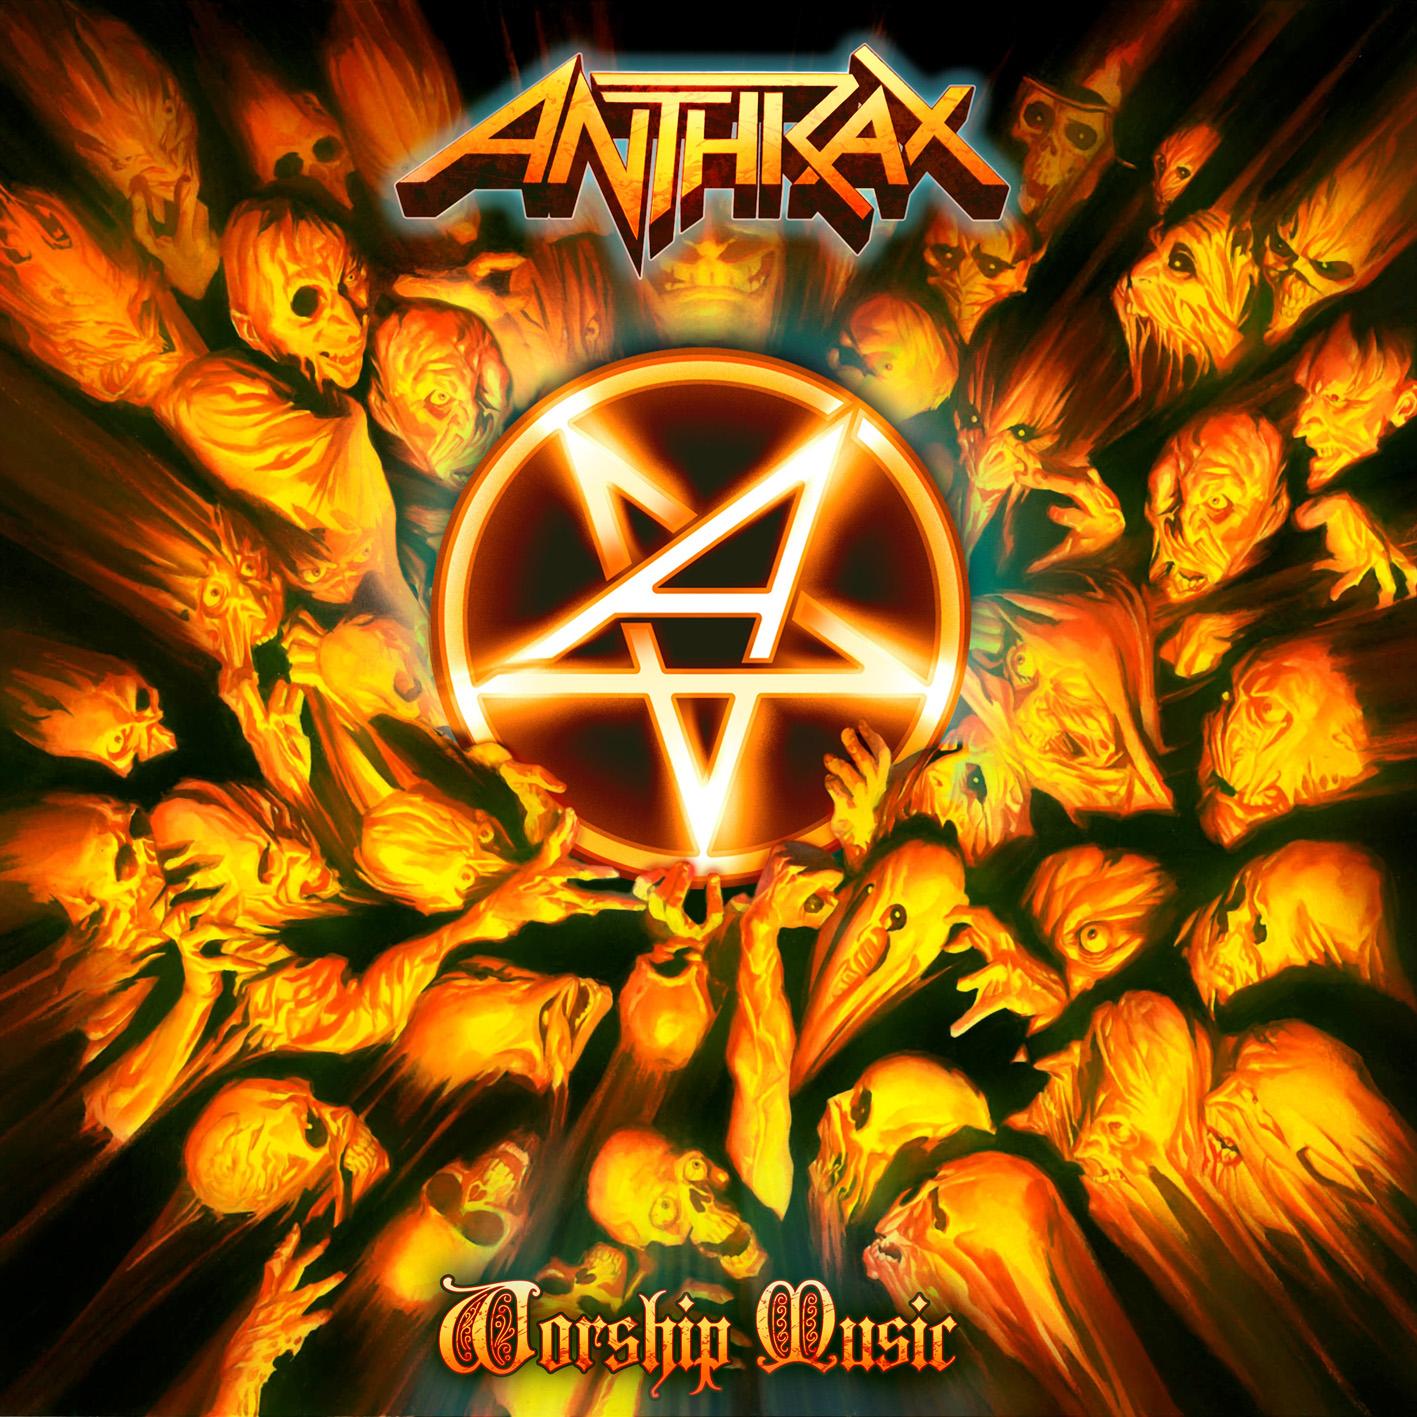 ANTHRAX: Música para adorar